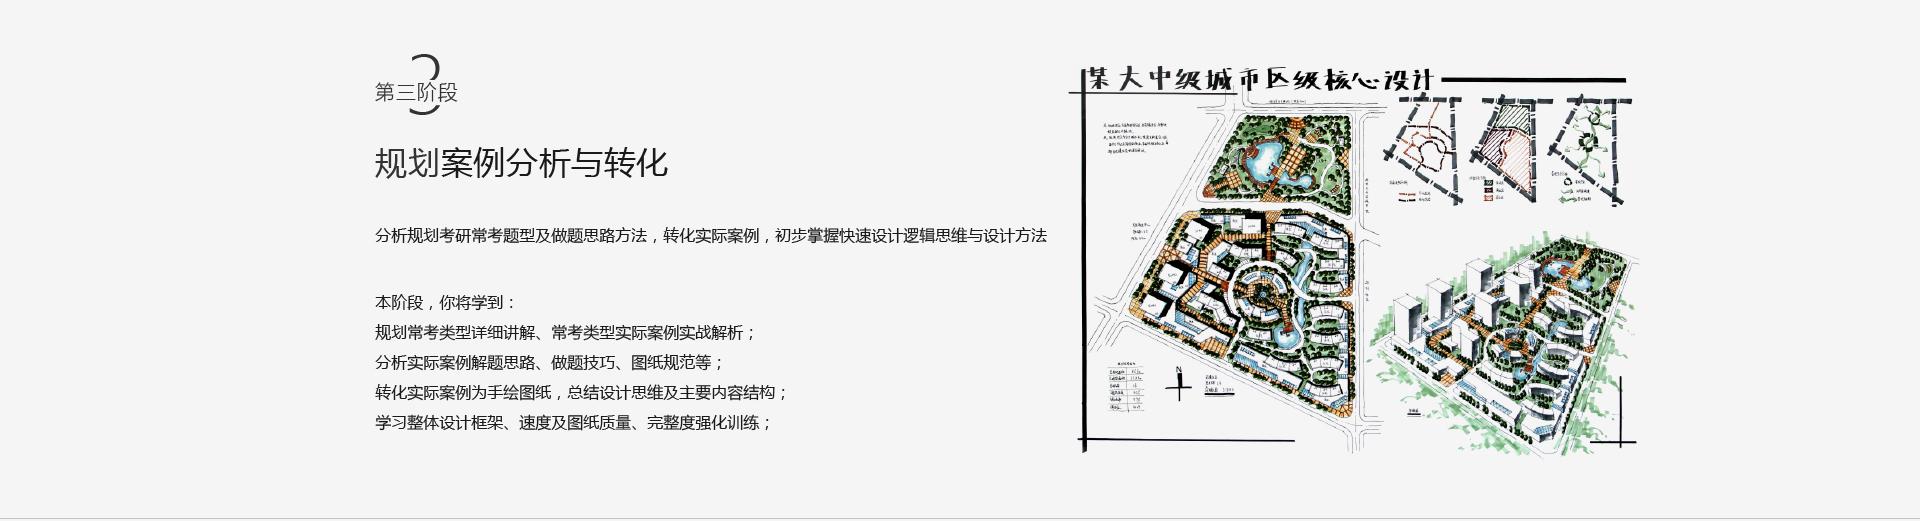 规划快题_07.jpg